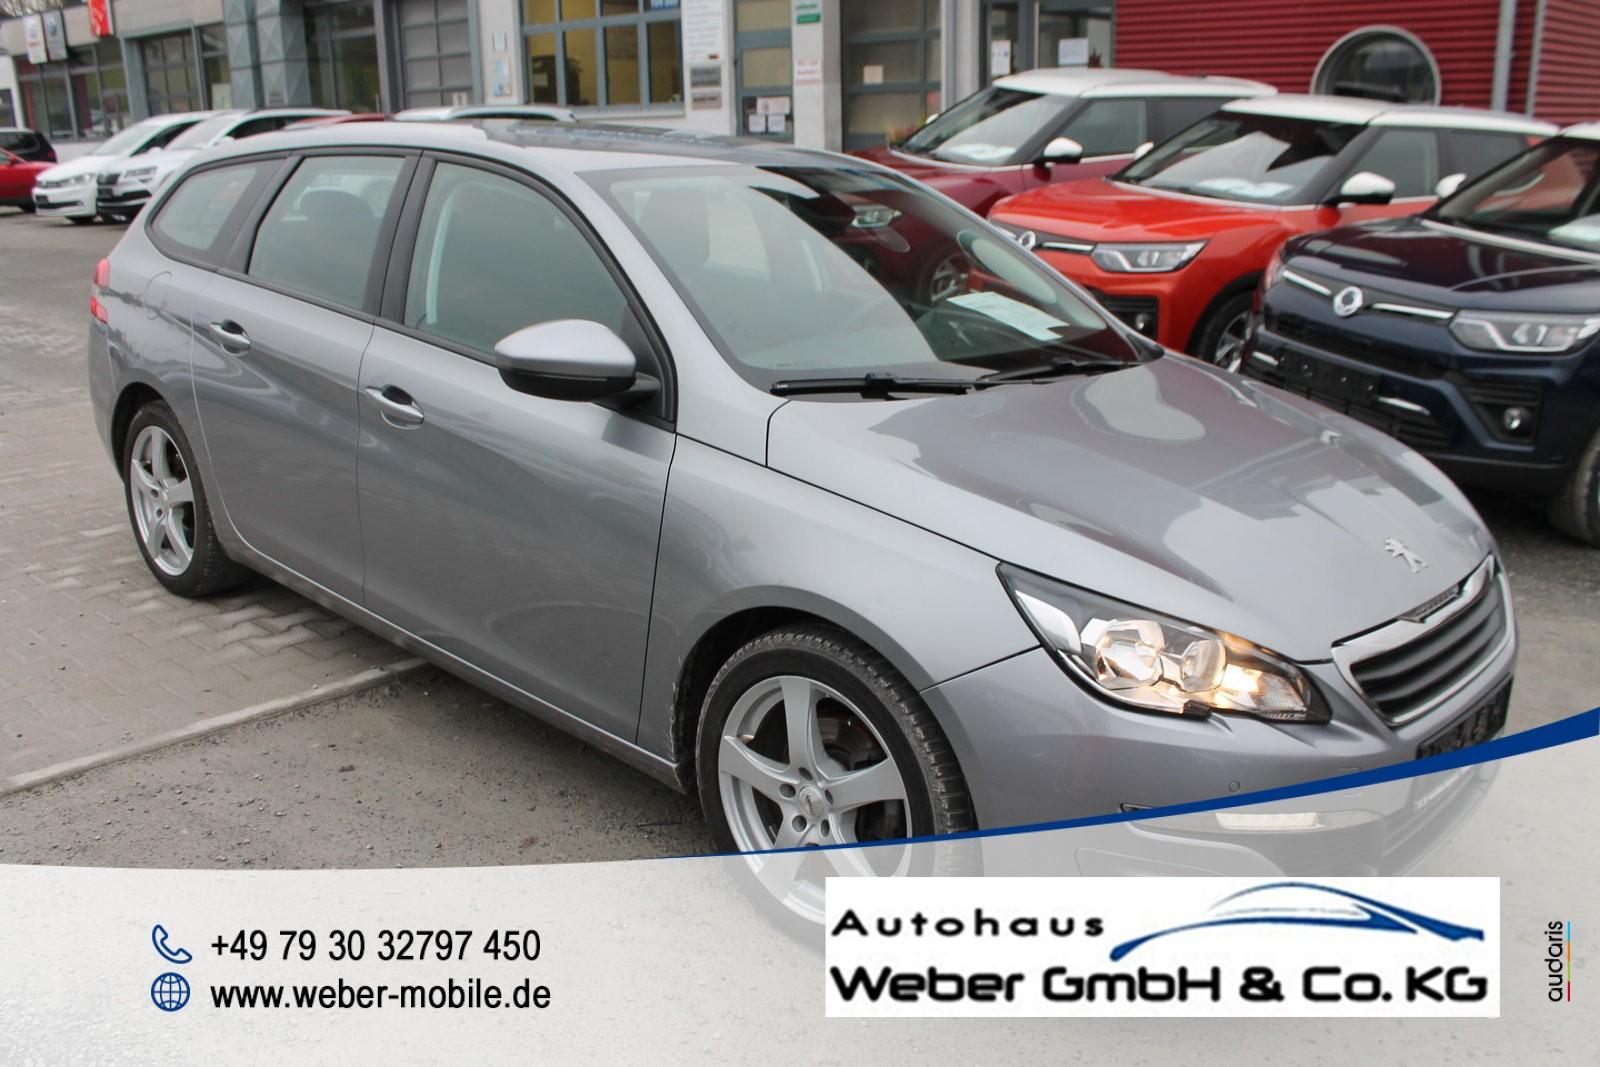 Peugeot 308 1.2 e-THP 130 SW Active *Navi*NSW*Einparkhilfe vo+hi+Kamera*Freisprecheinrichtung*, Jahr 2014, Benzin